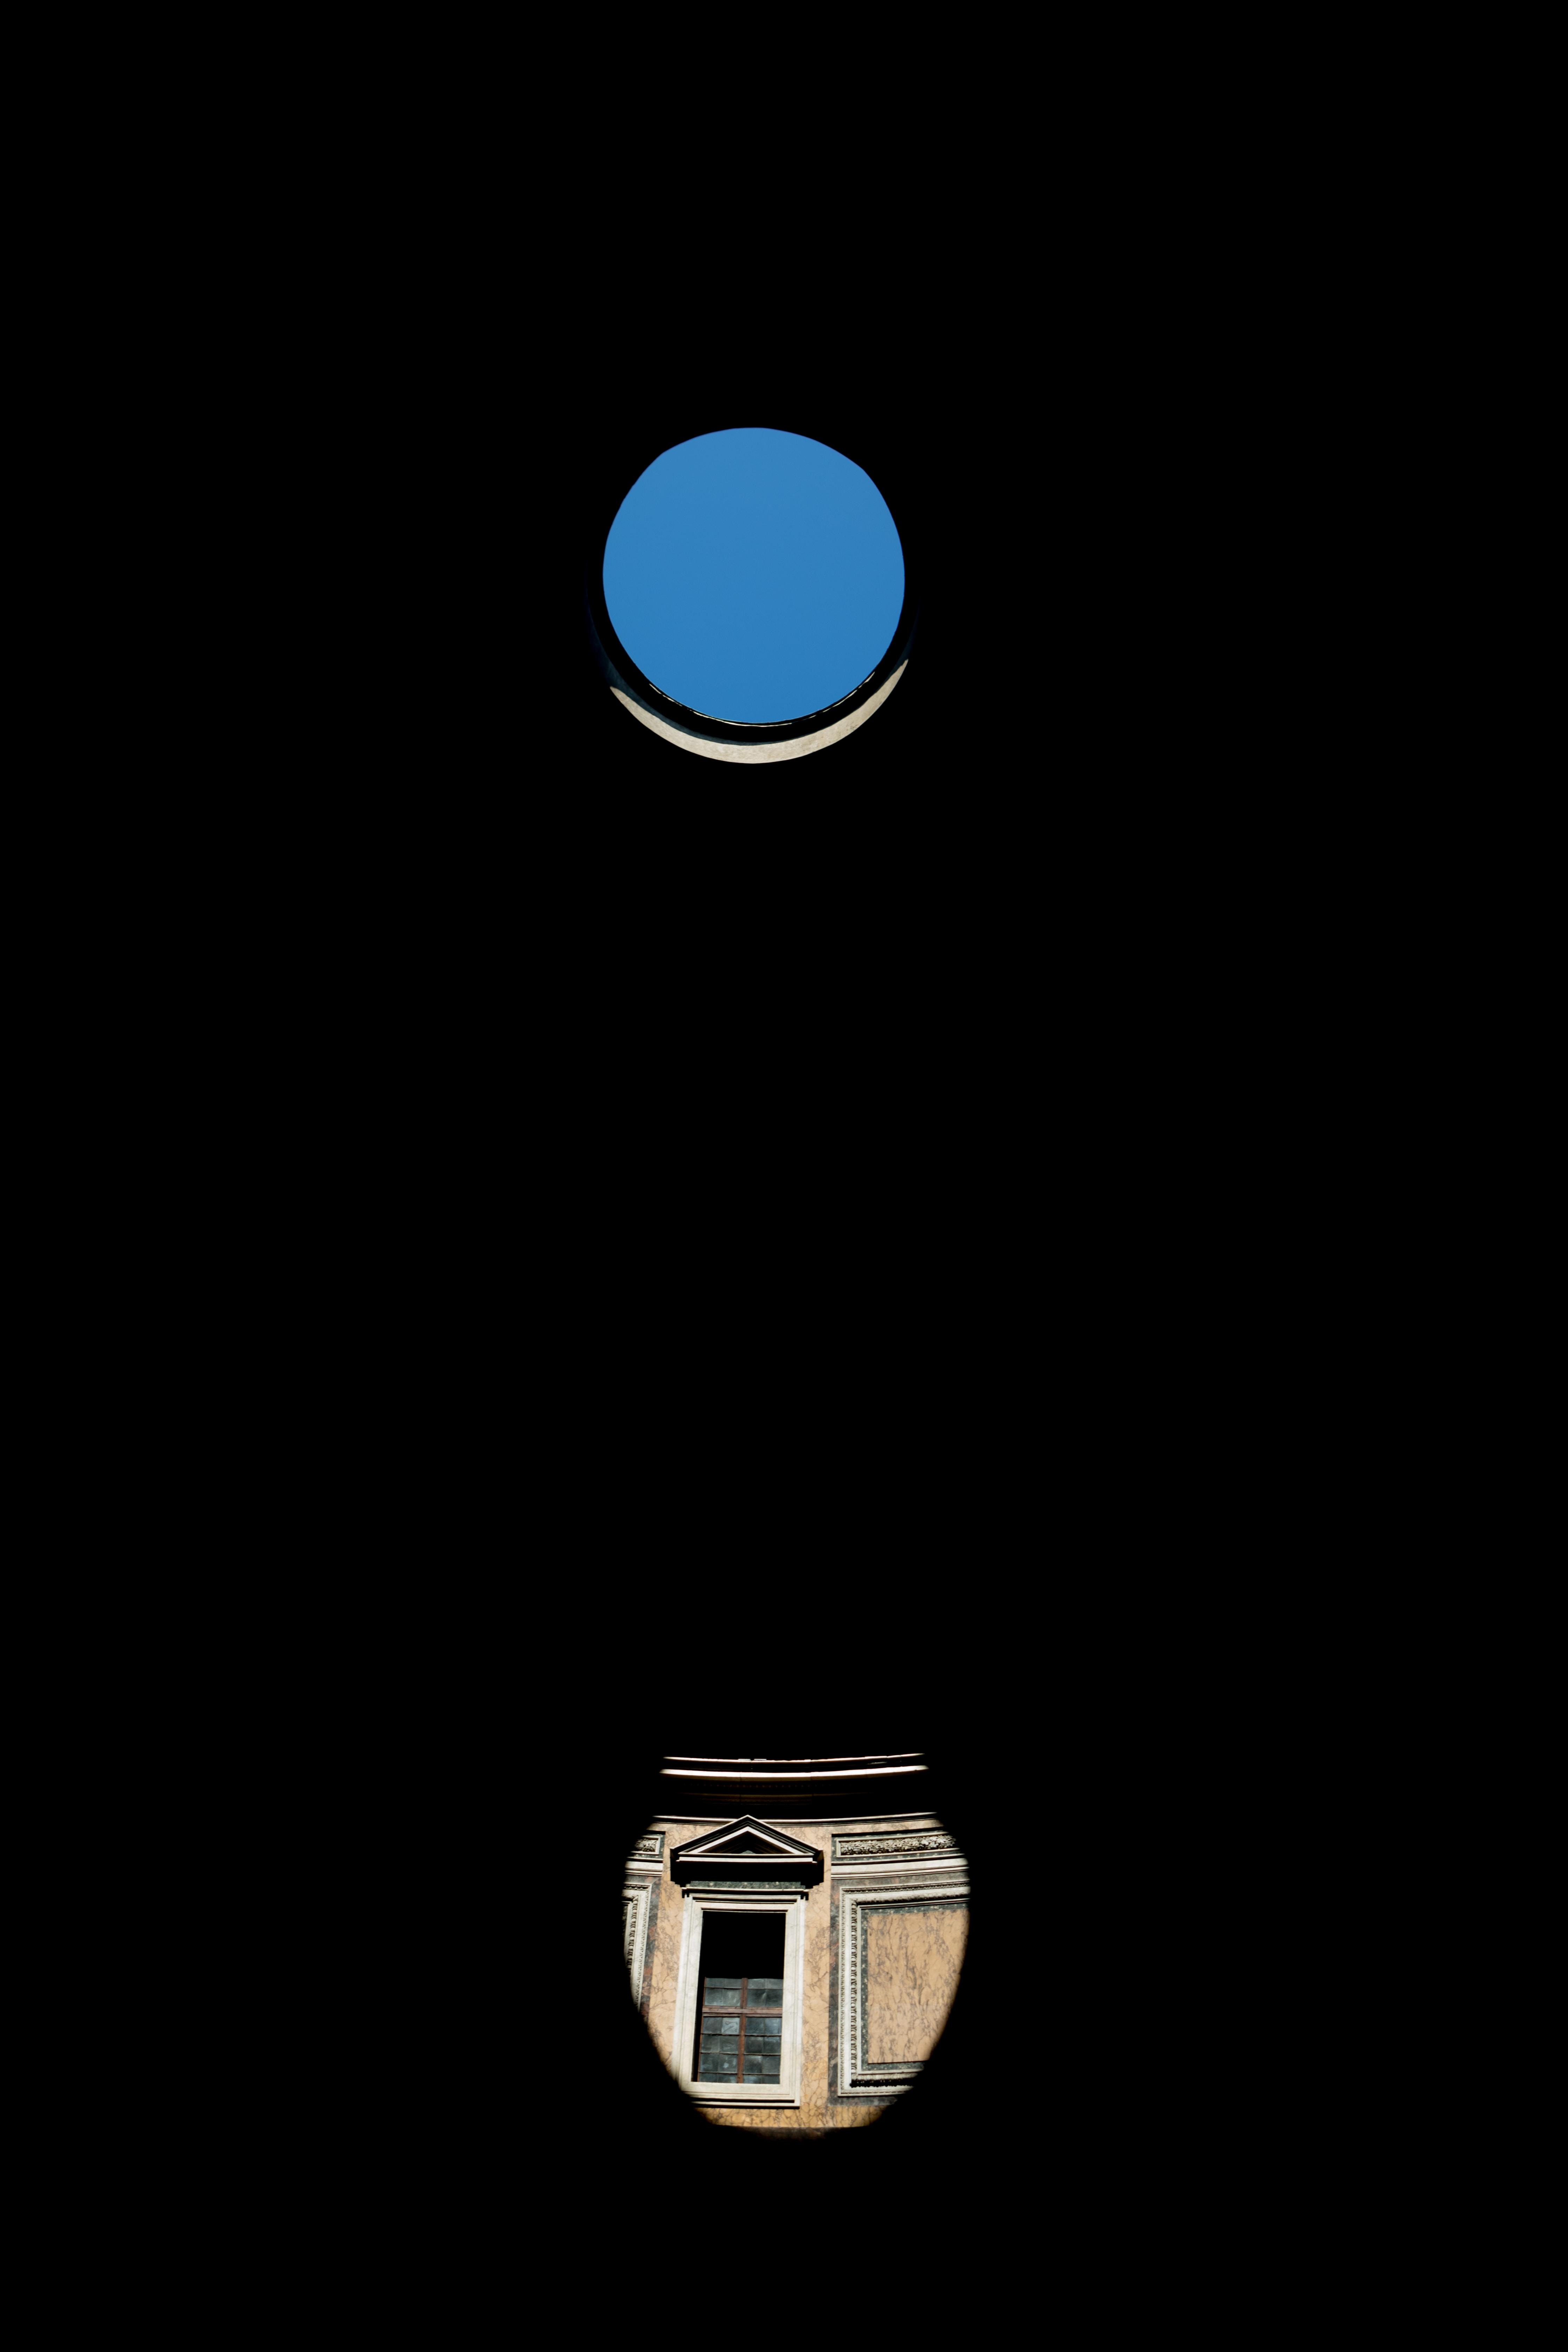 blue dot on top of brown vase illustration